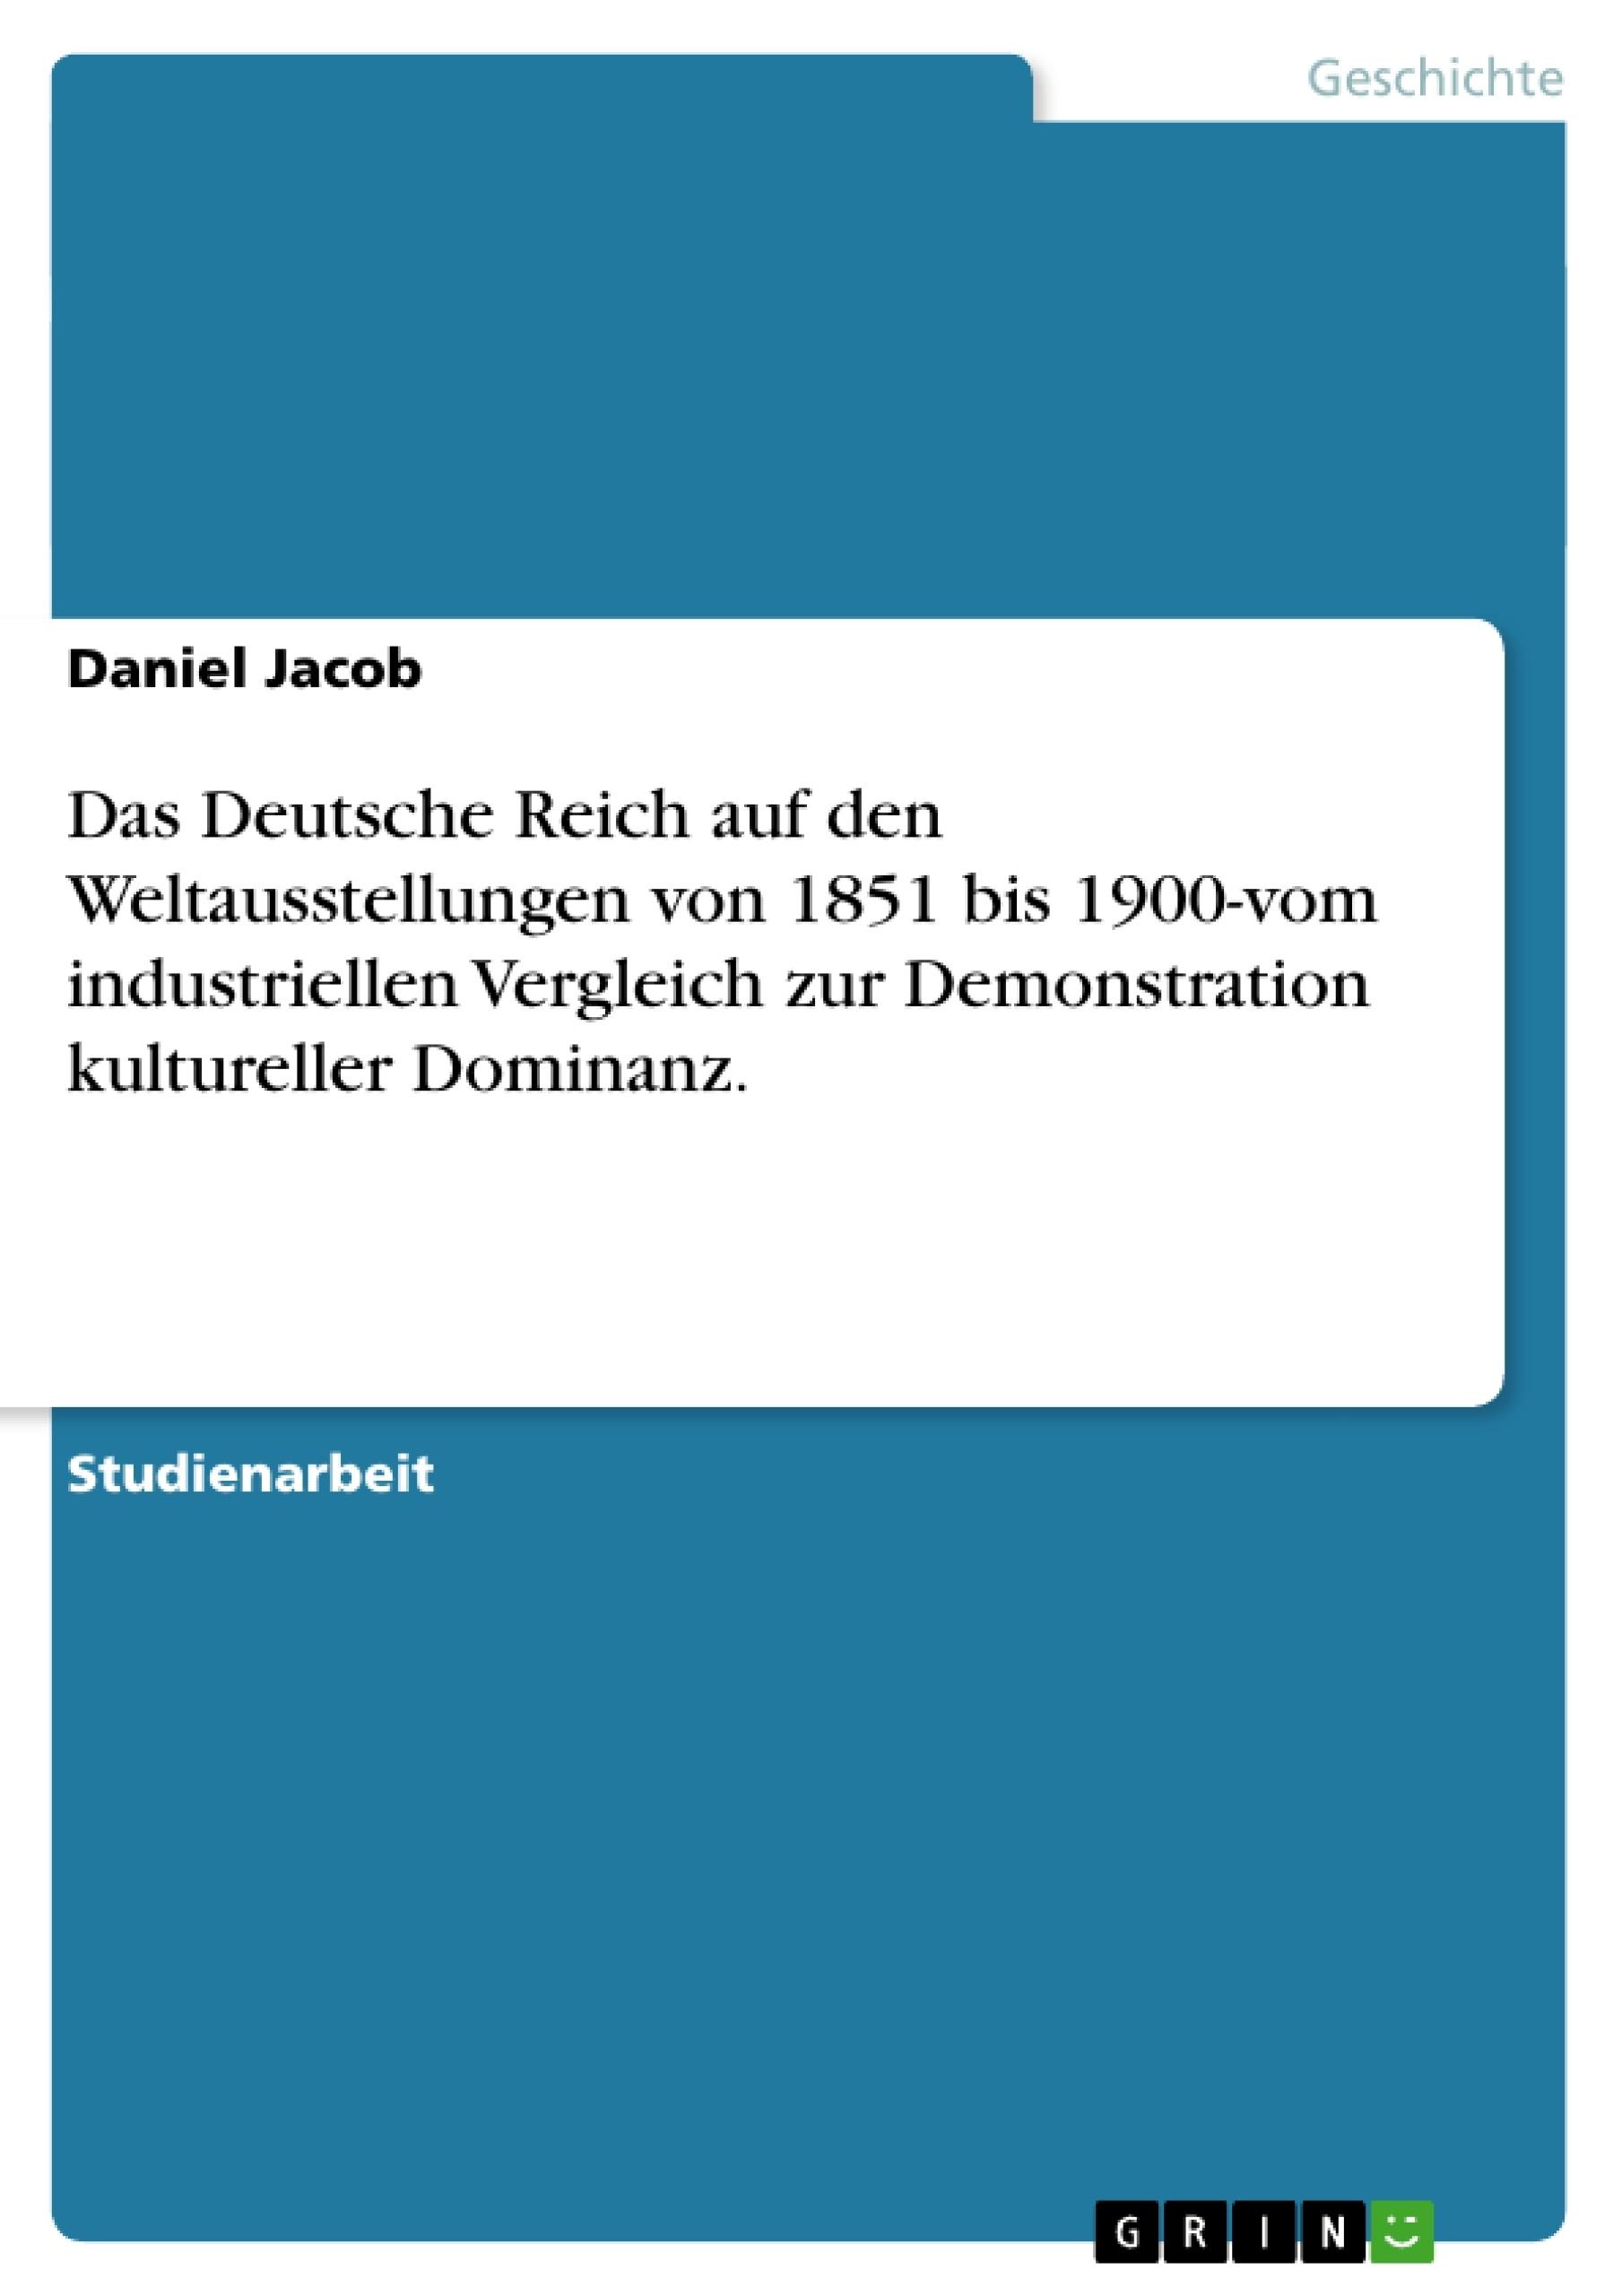 Titel: Das Deutsche Reich auf den Weltausstellungen von 1851 bis 1900-vom industriellen Vergleich zur Demonstration kultureller Dominanz.